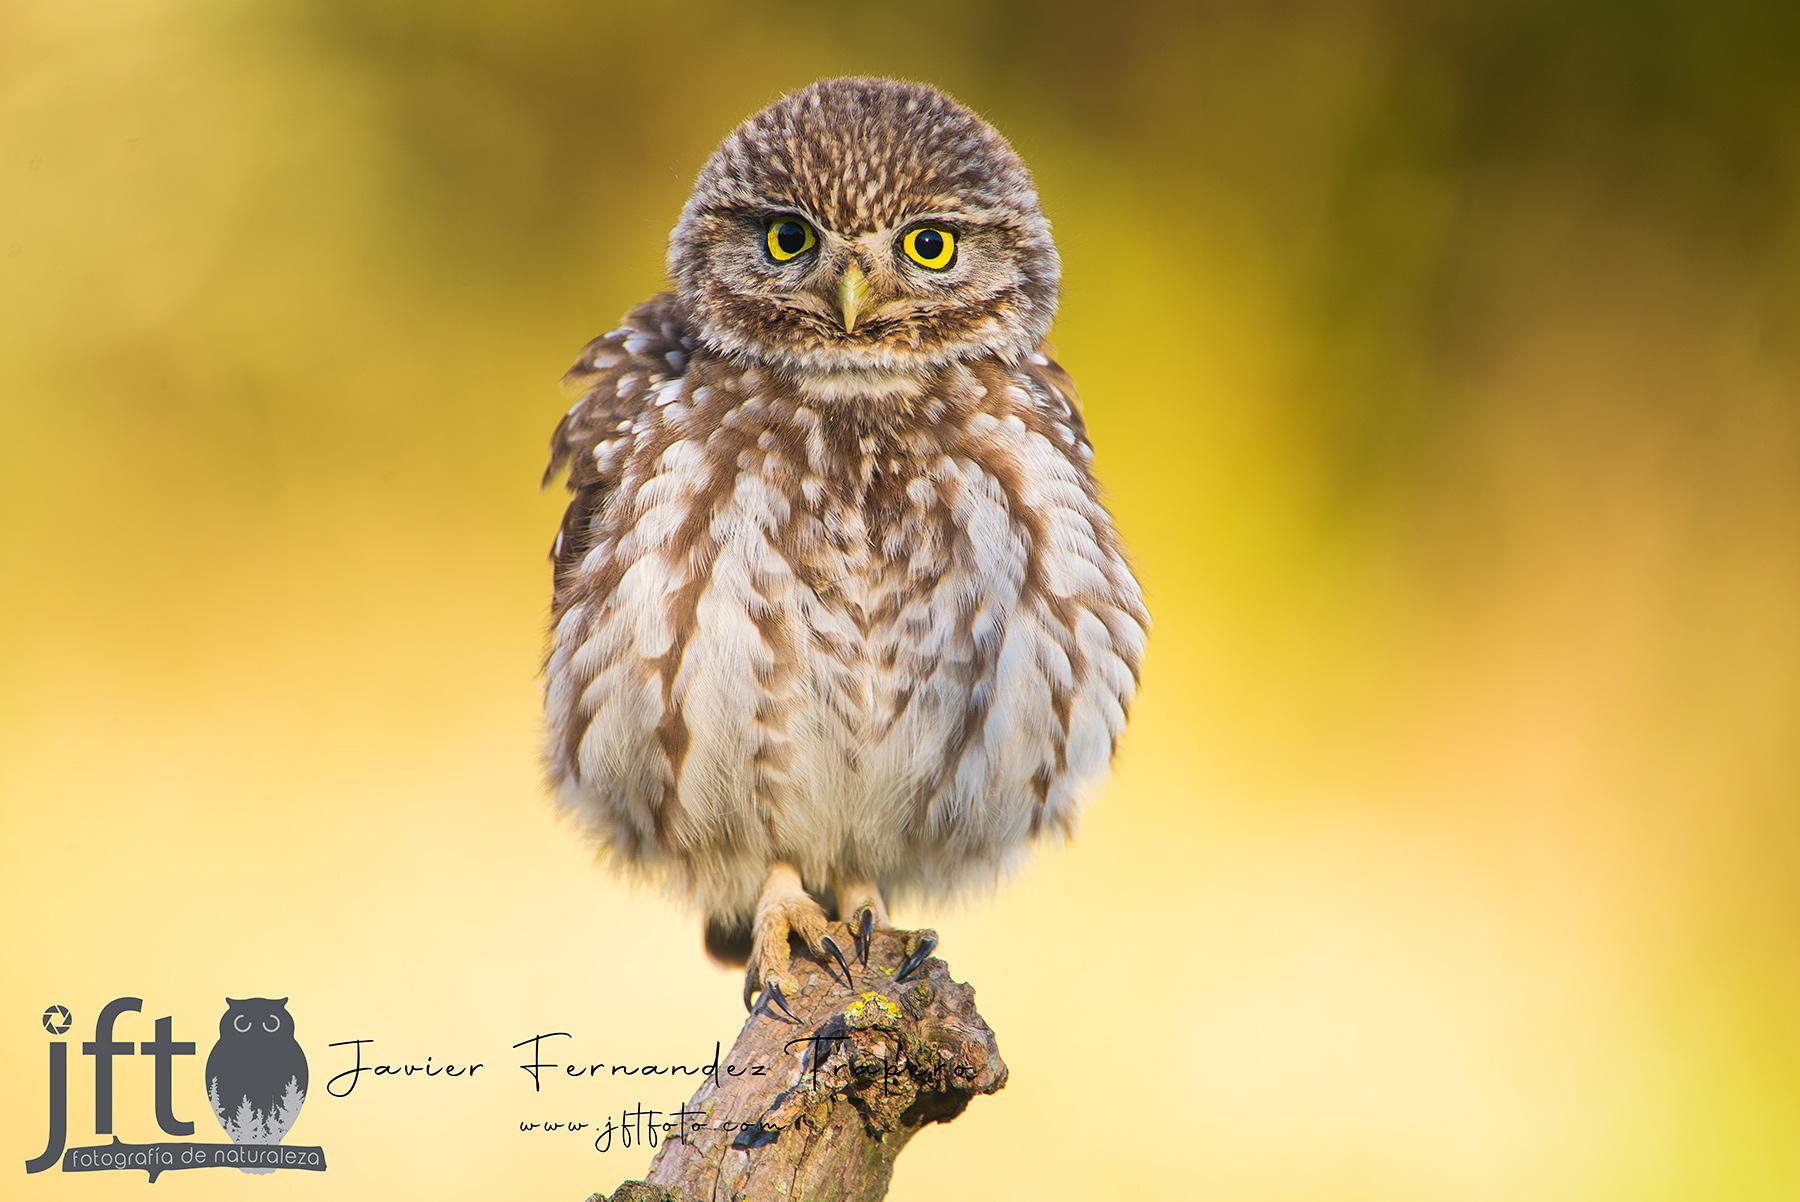 BOSQUES - Galería de fauna forestal y de bosques de España